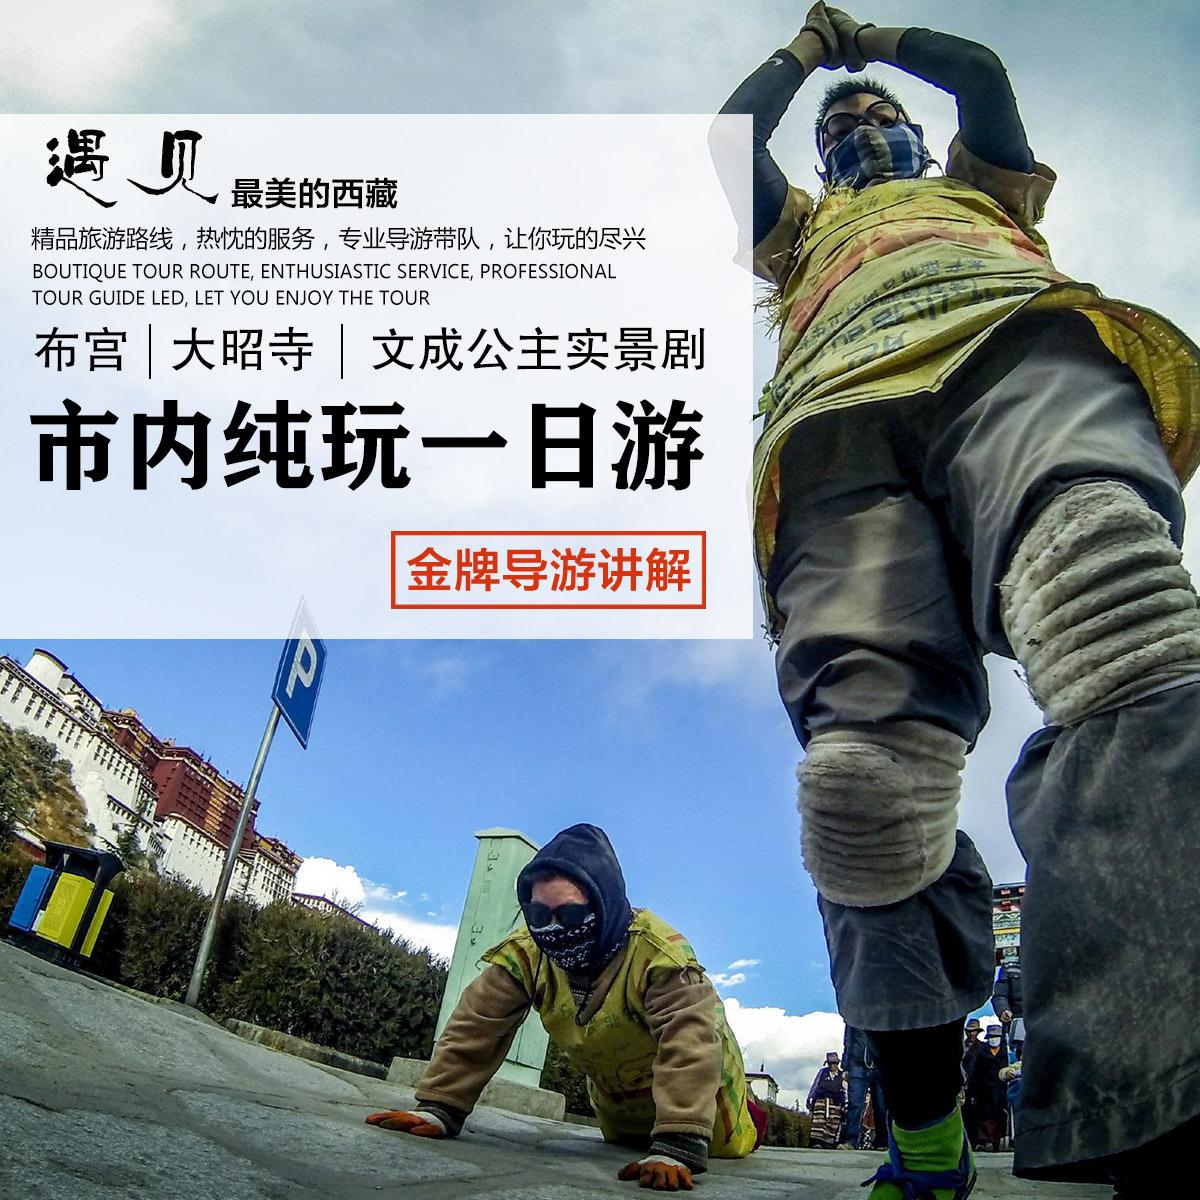 拉萨1日游 布达拉宫门票+大昭寺+文成公主实景剧 免预约西藏旅游